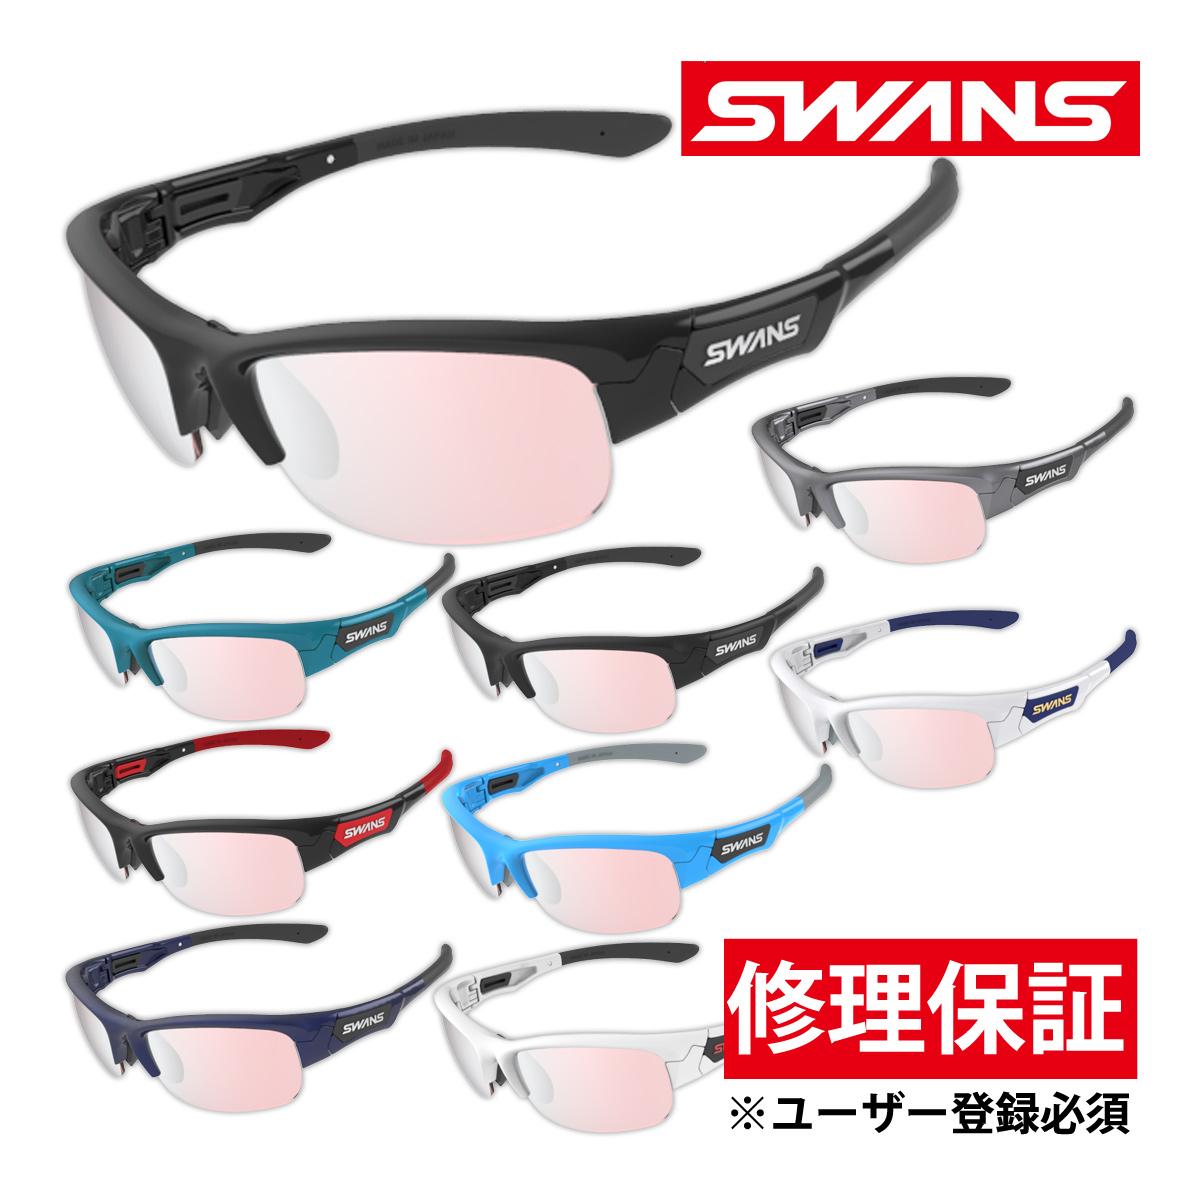 サングラス ミラーレンズ シルバーミラー×ライトピンク メンズ レディース ドライブ 釣り ゴルフ スポーツ SPRINGBOK フレーム+L-SPB-0709 PI/SL おすすめ 人気 SWANS スワンズ